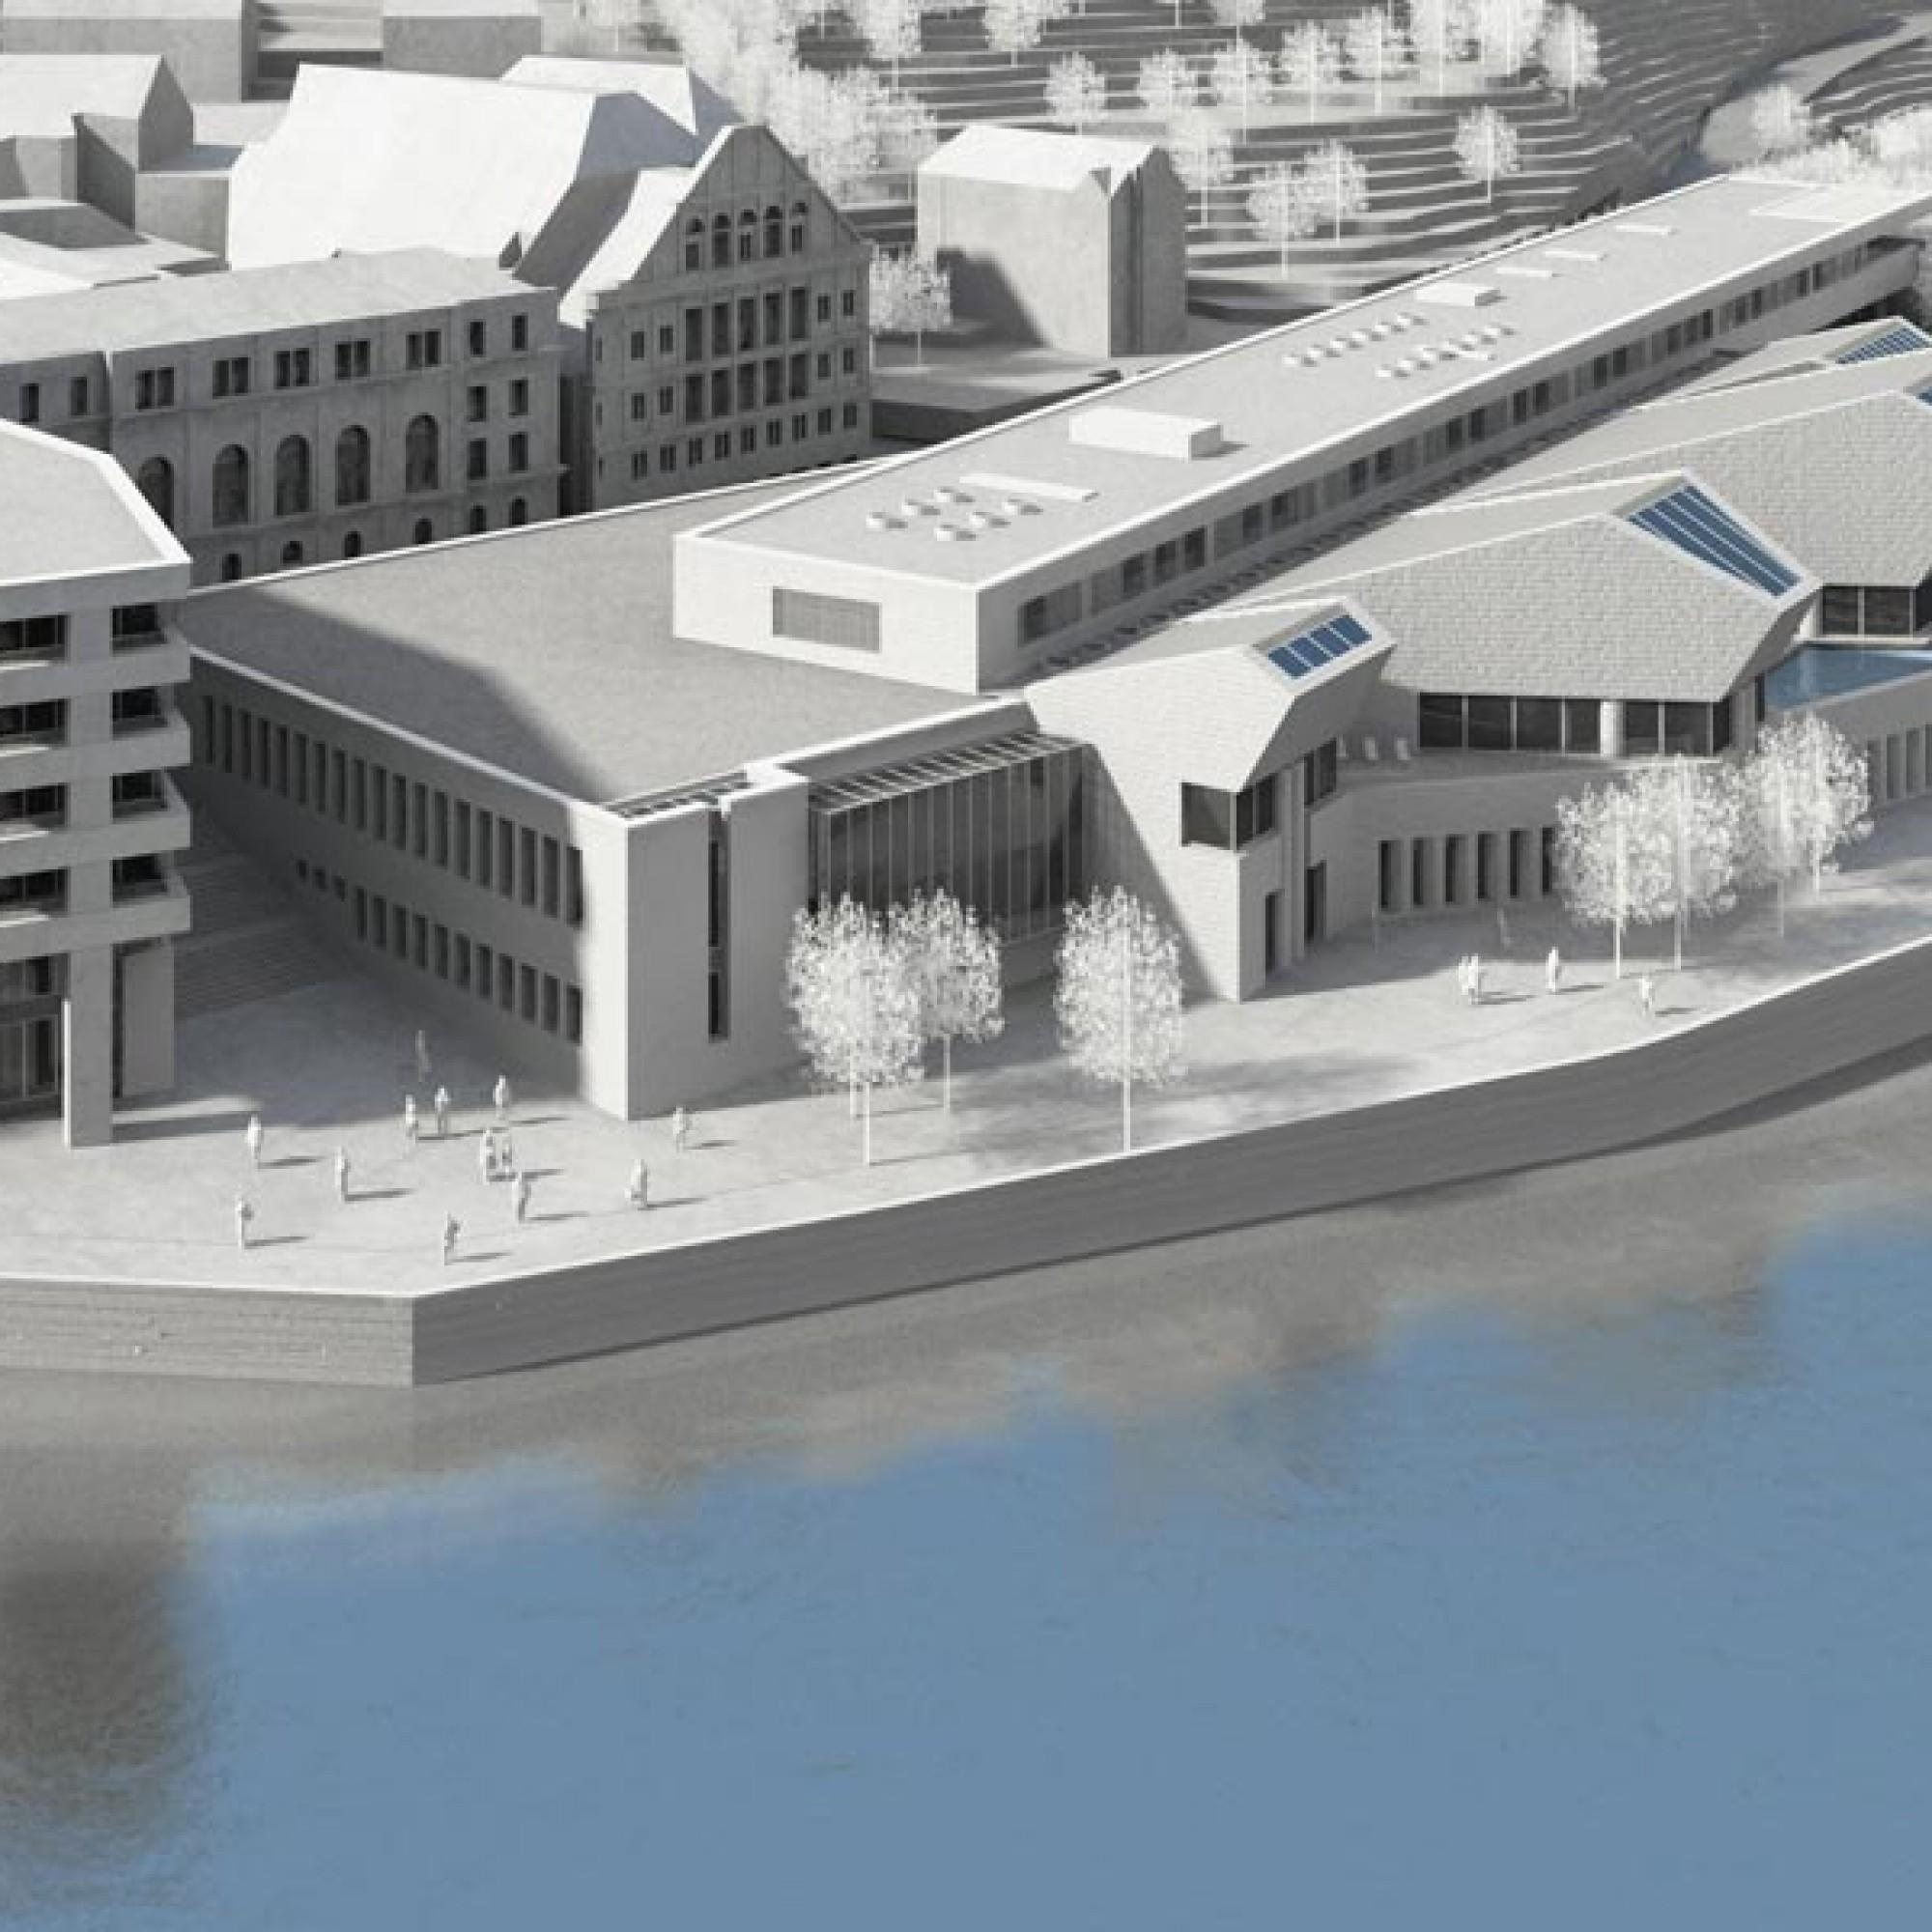 Das neue Thermalbad erstreckt sich am Ufer des Limmatknies. (Visualisierungen: Mario Botta Architetto)